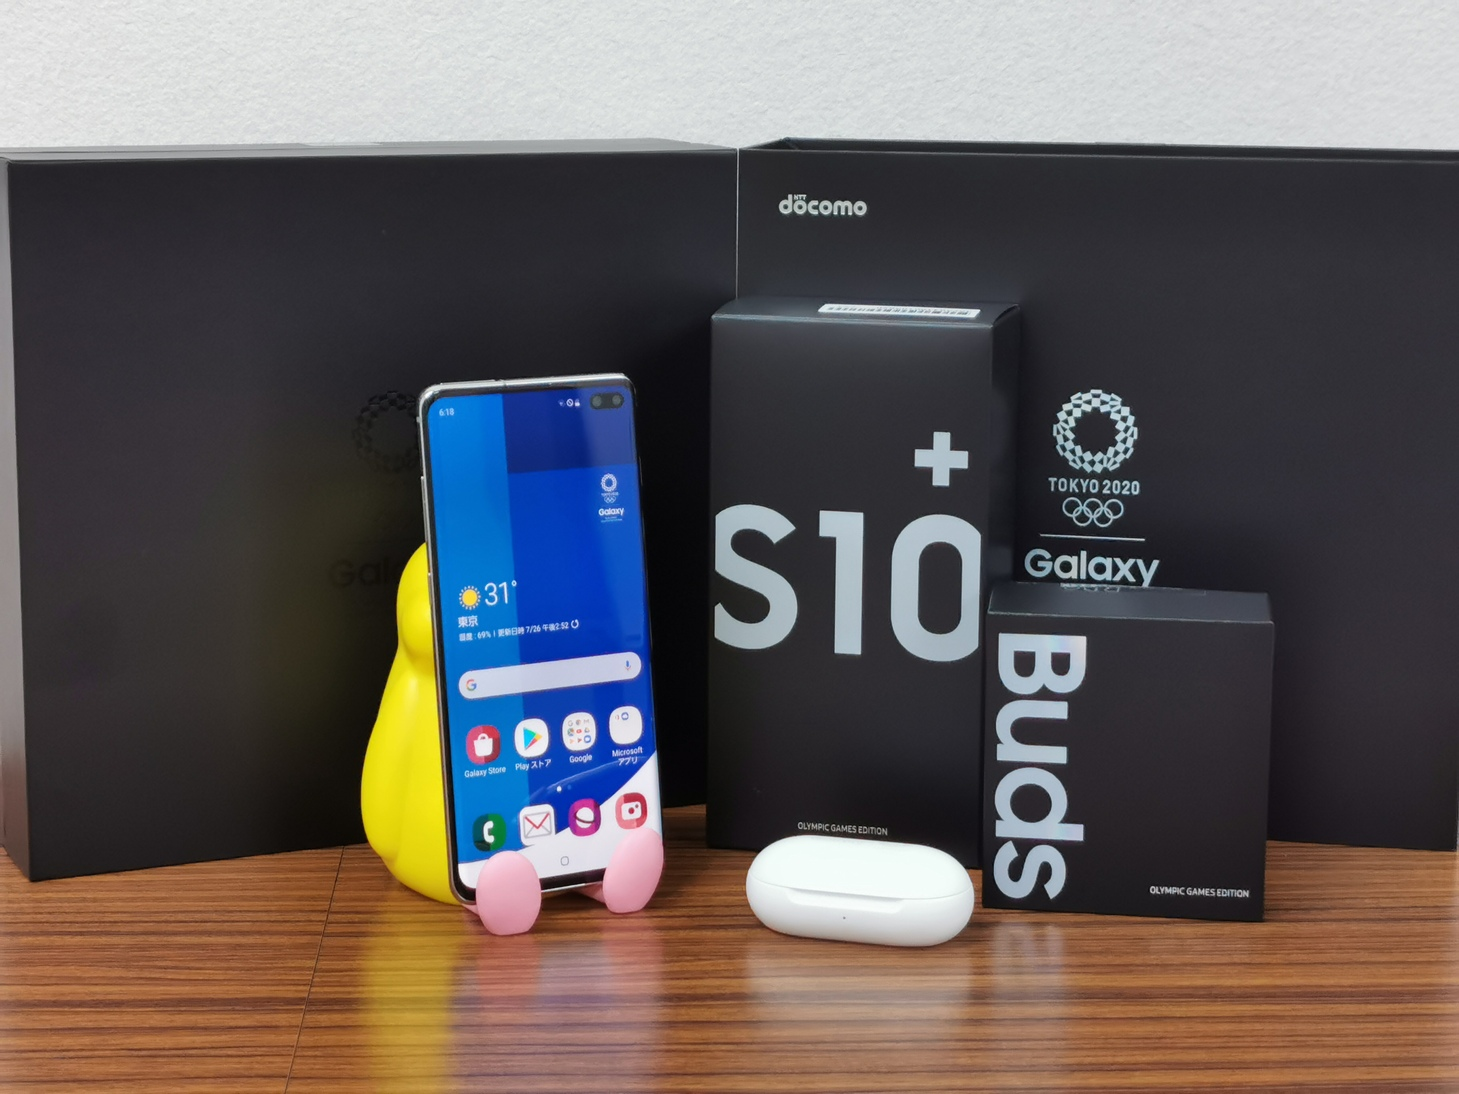 ドコモ、Galaxy S10+ Olympic Games Edition(オリンピックモデル)SC-05Lの違いをレビュー 外観の写真やオリジナルアプリ中心に紹介